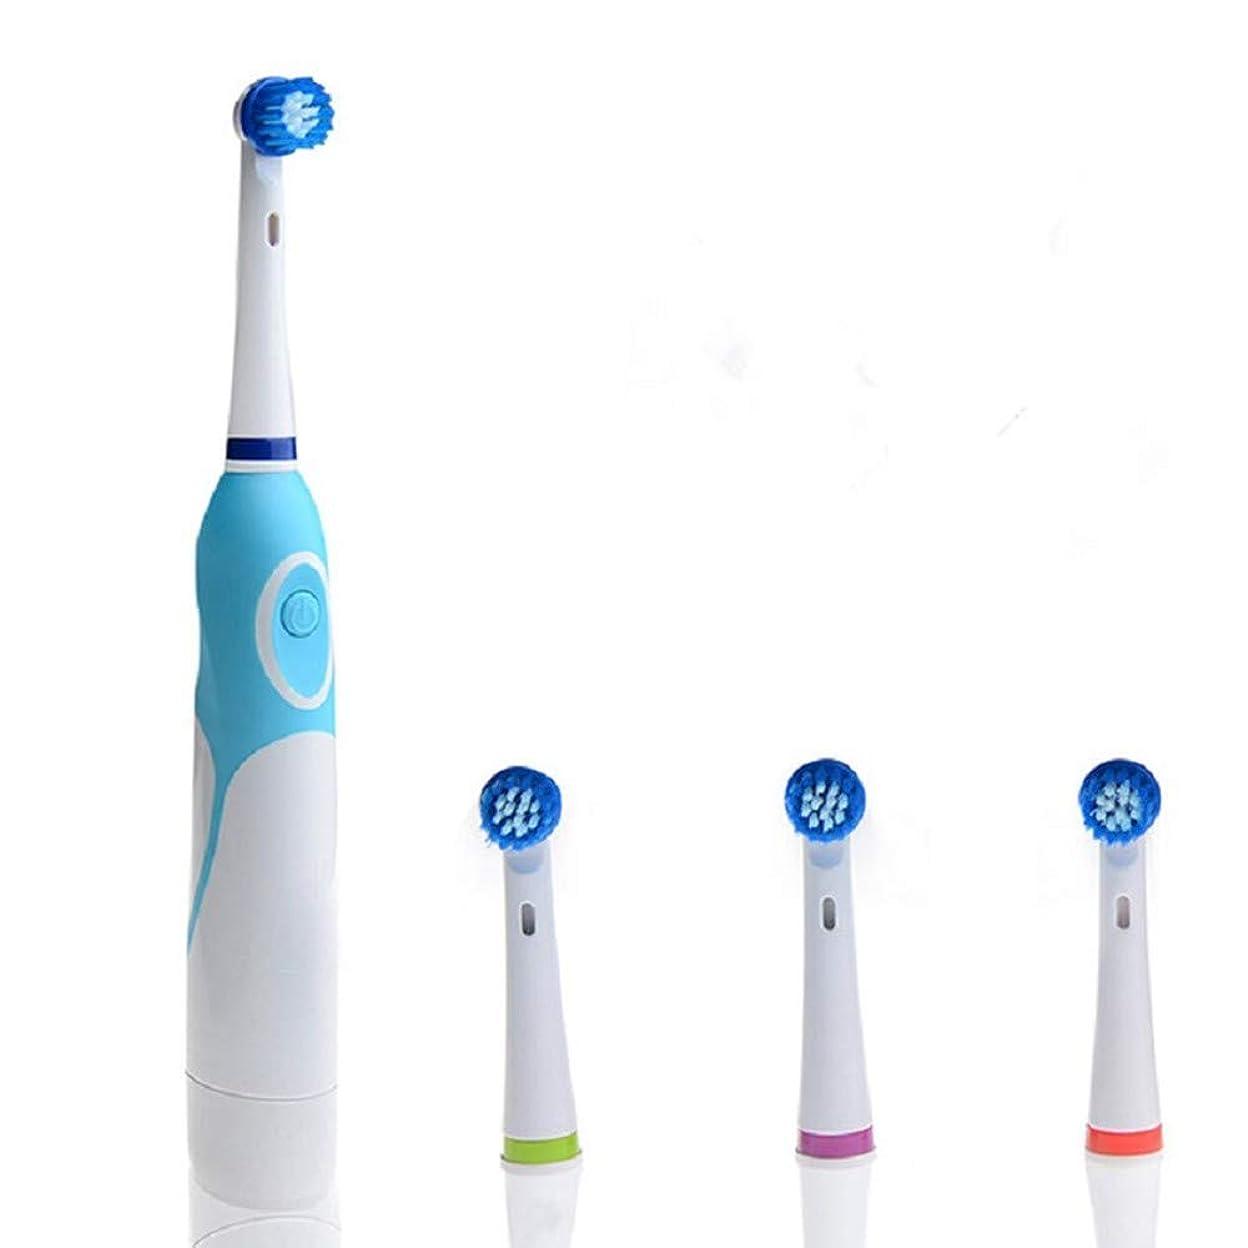 与える電気的幻滅する電動歯ブラシ電動歯ブラシ回転歯ブラシ4回転ヘッド付き口腔衛生オーラルディープクリーニング用大人用